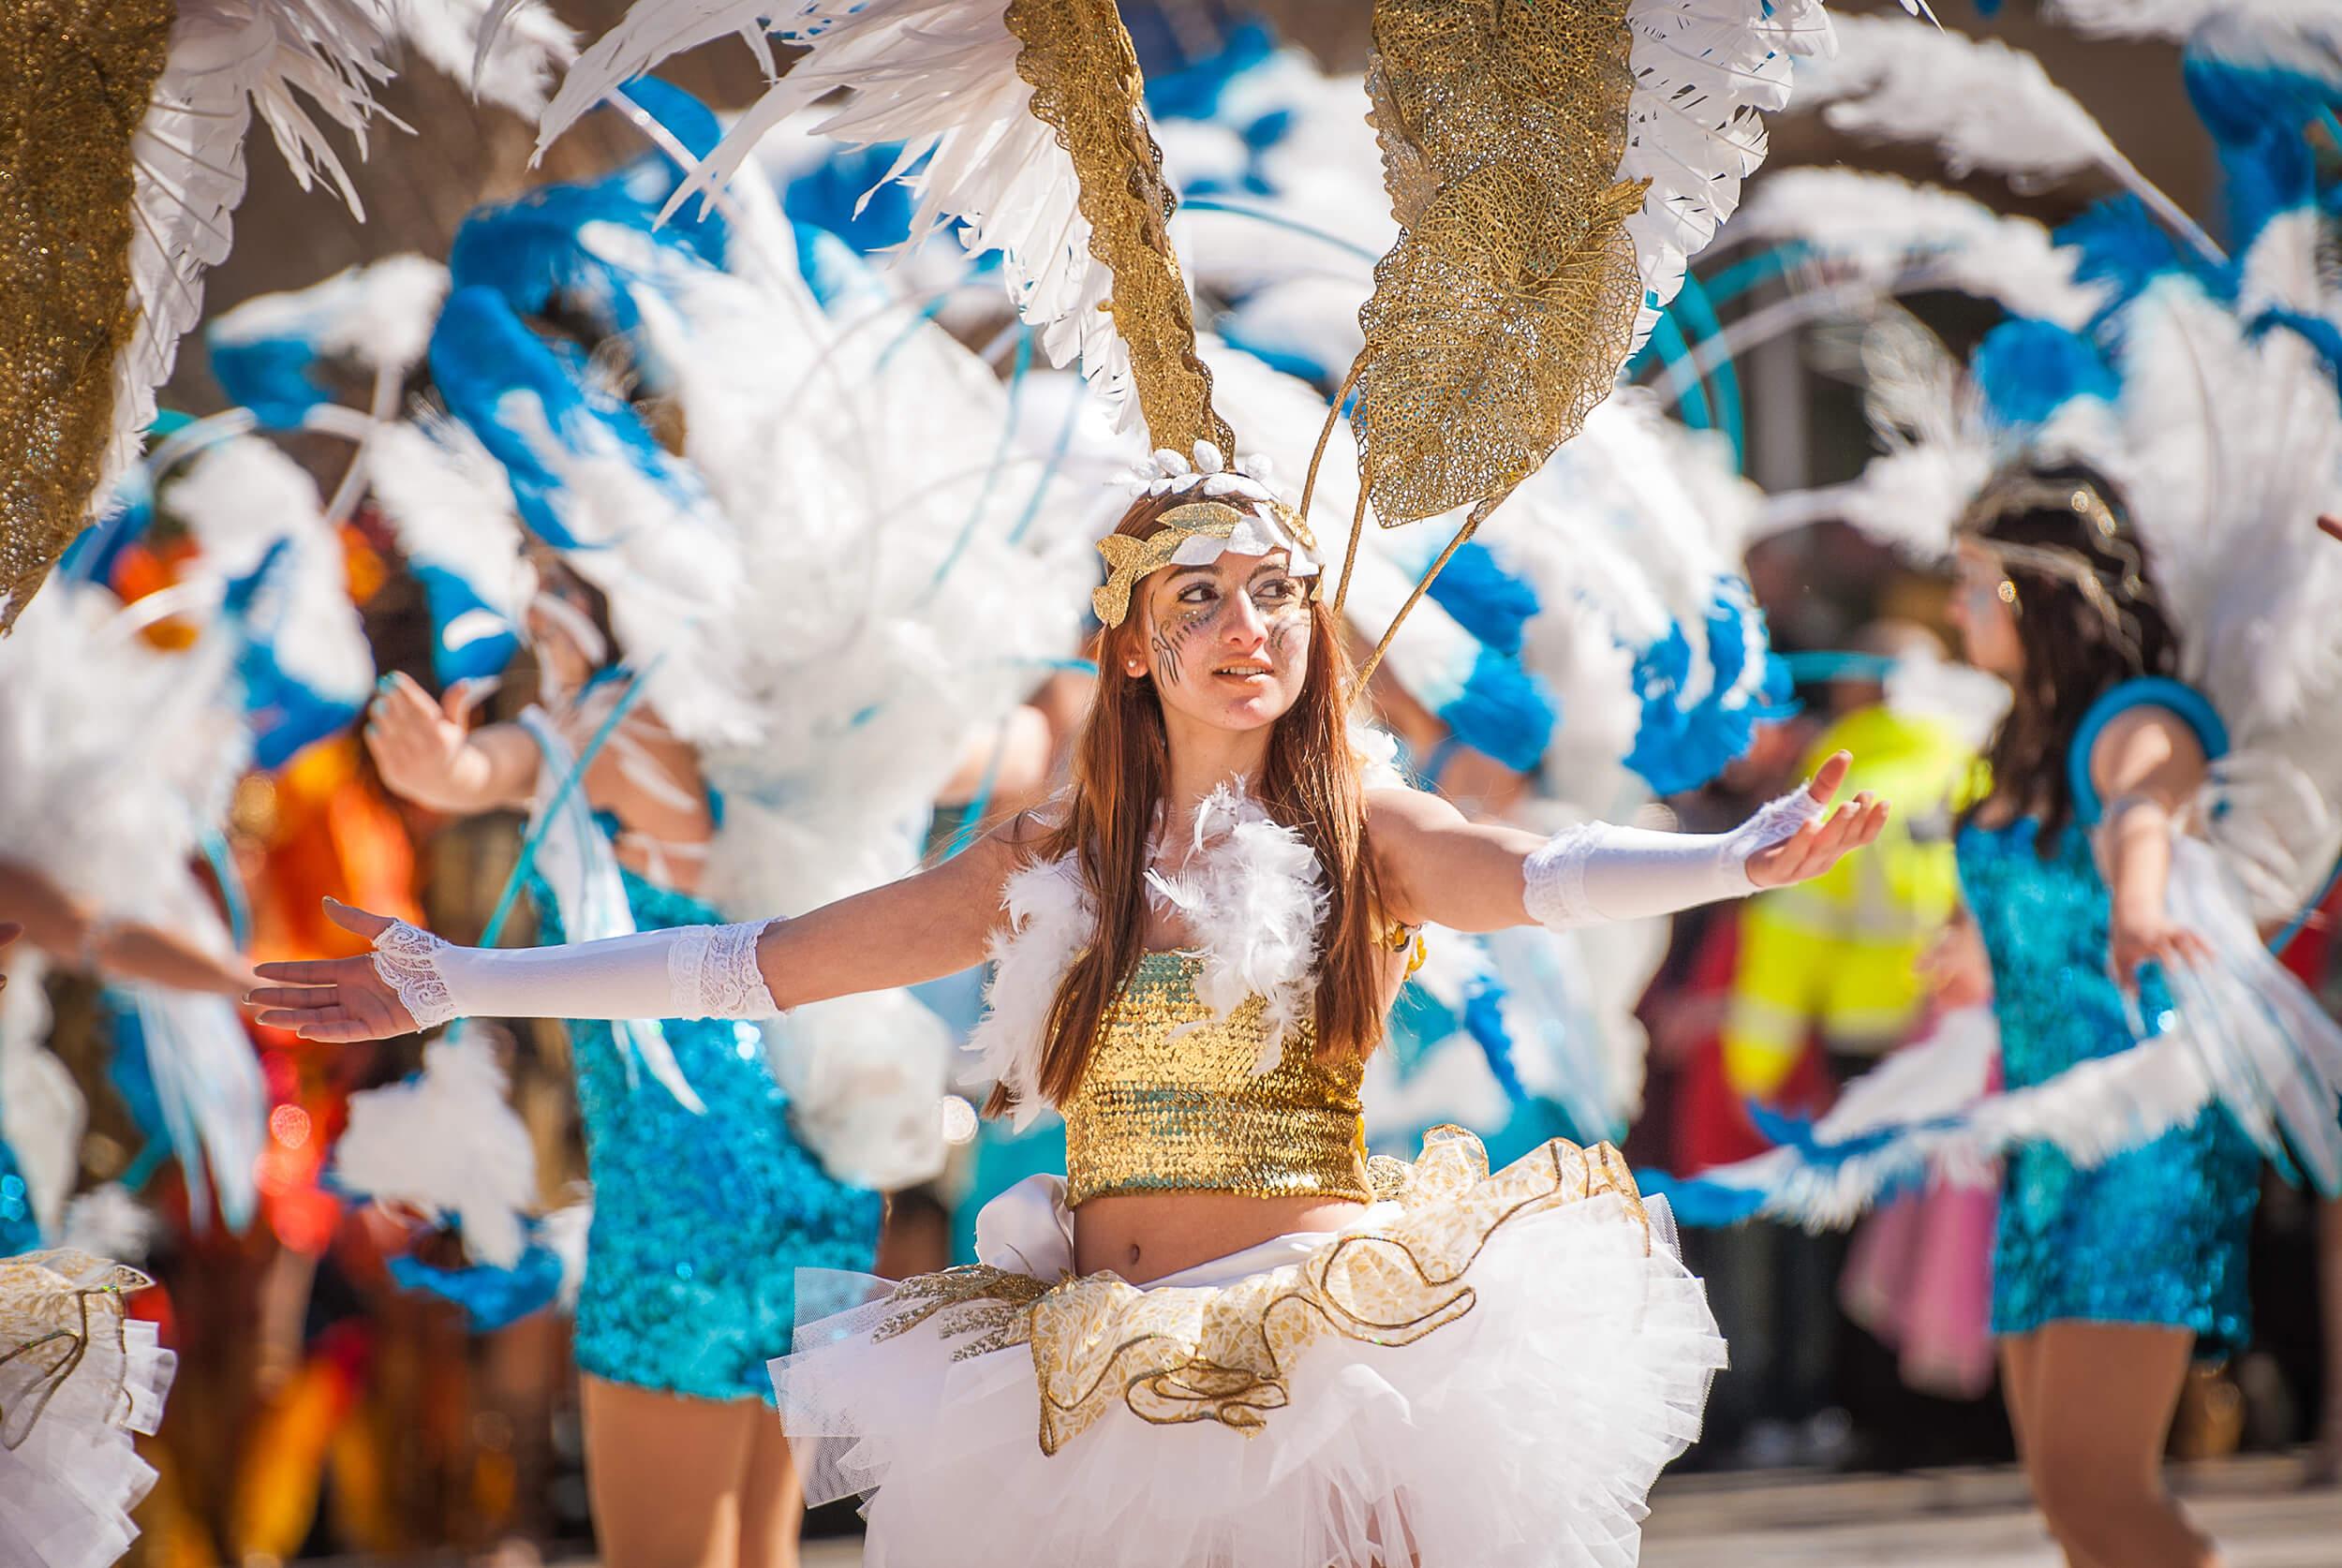 Carnival-in-victoria